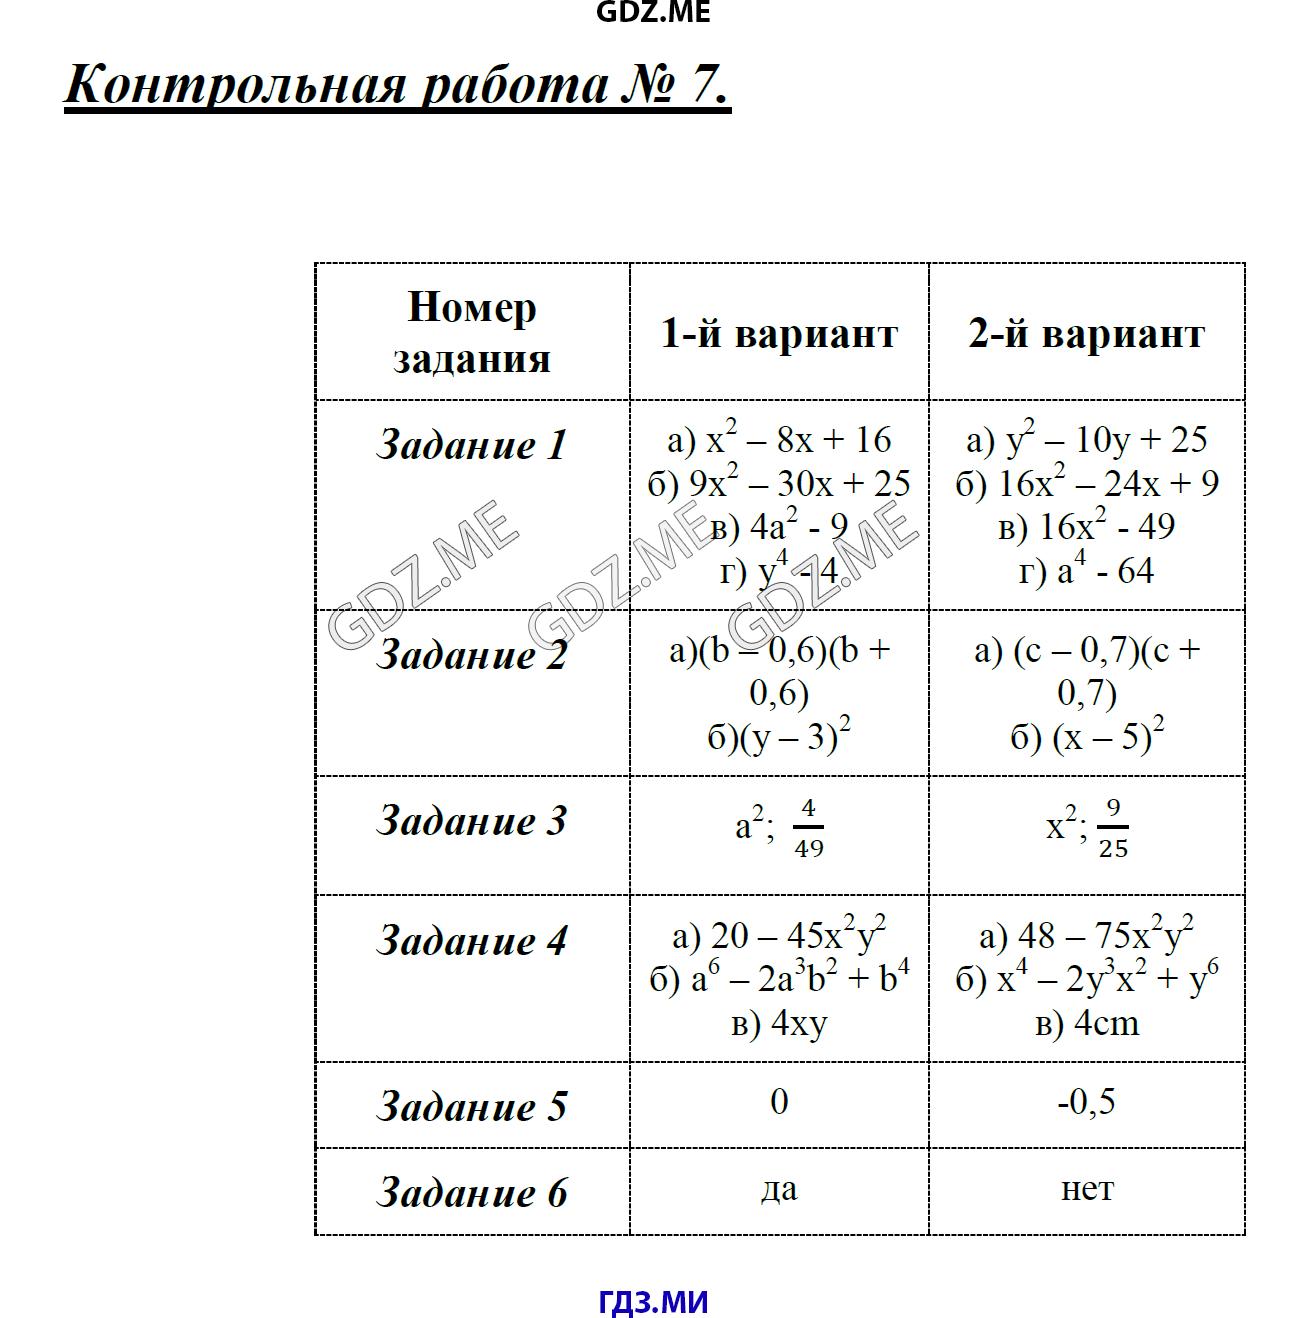 Решение контрольных работ дудницын кронгауз 10 класс по алгебре